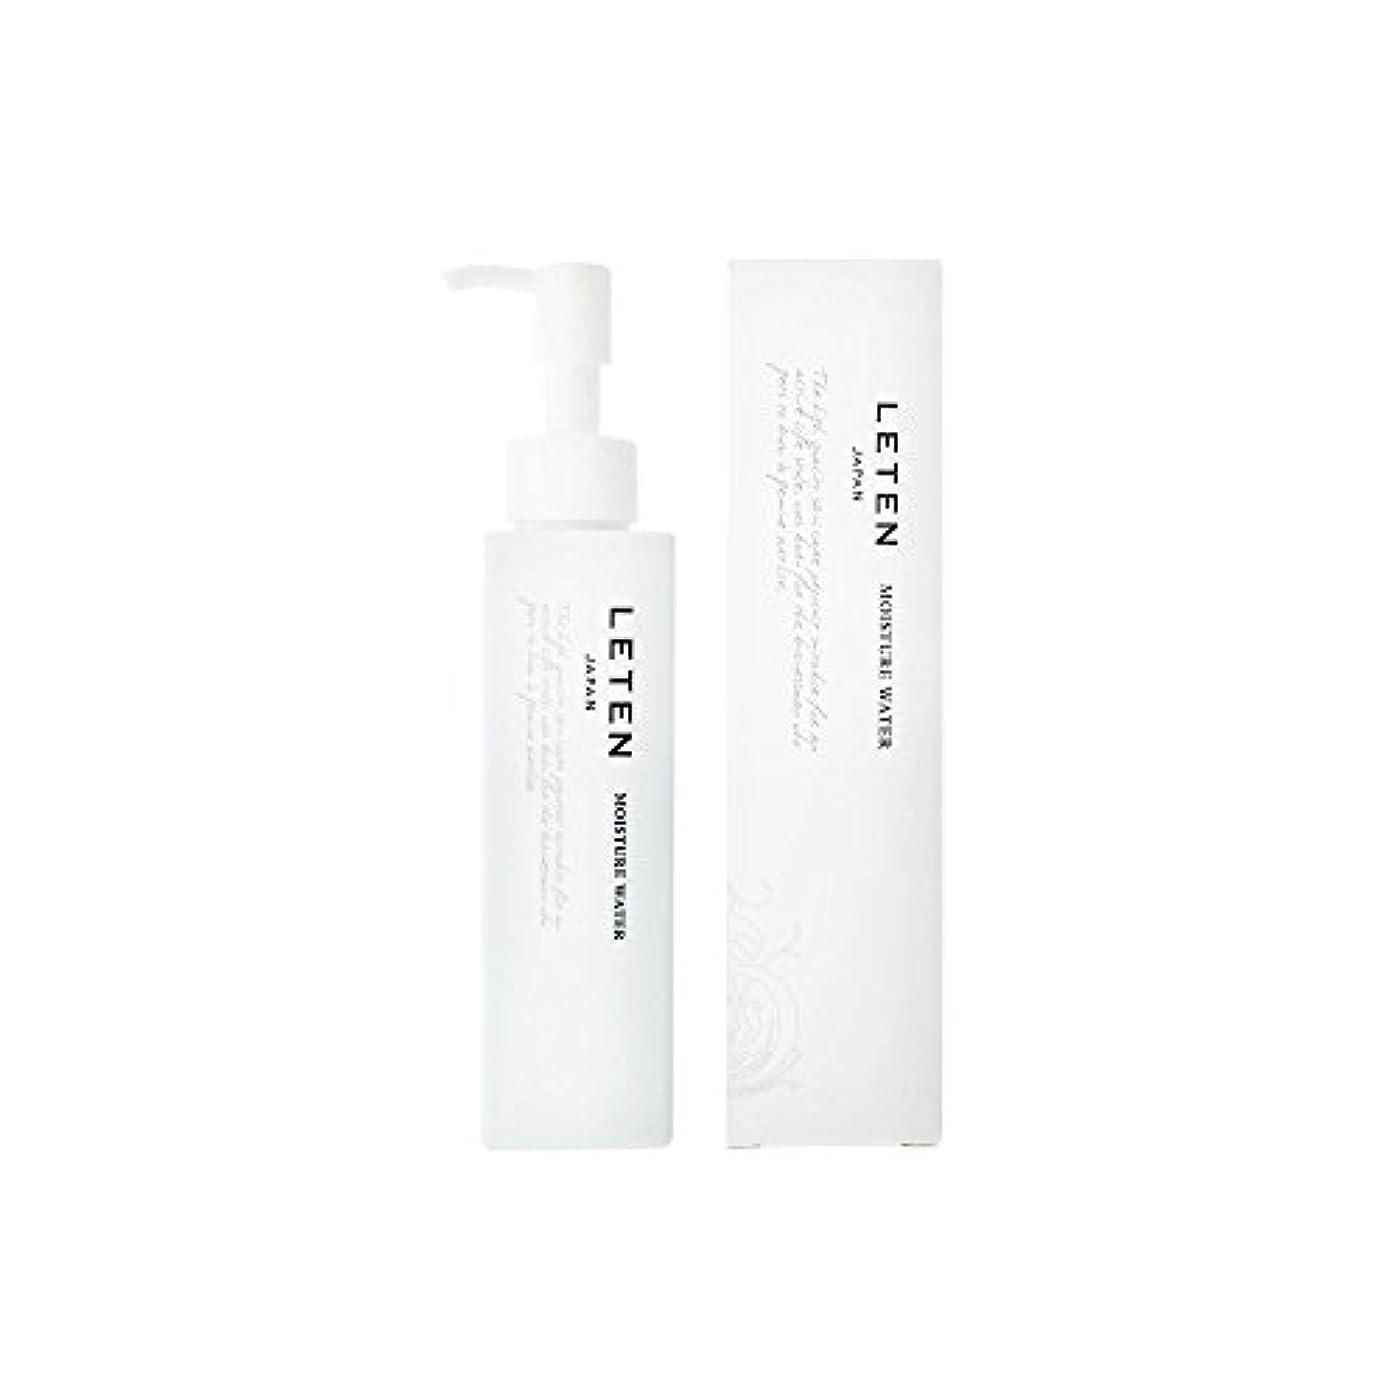 金曜日混沌セットアップレテン (LETEN) モイスチャーウォーター 150ml 化粧水 敏感肌